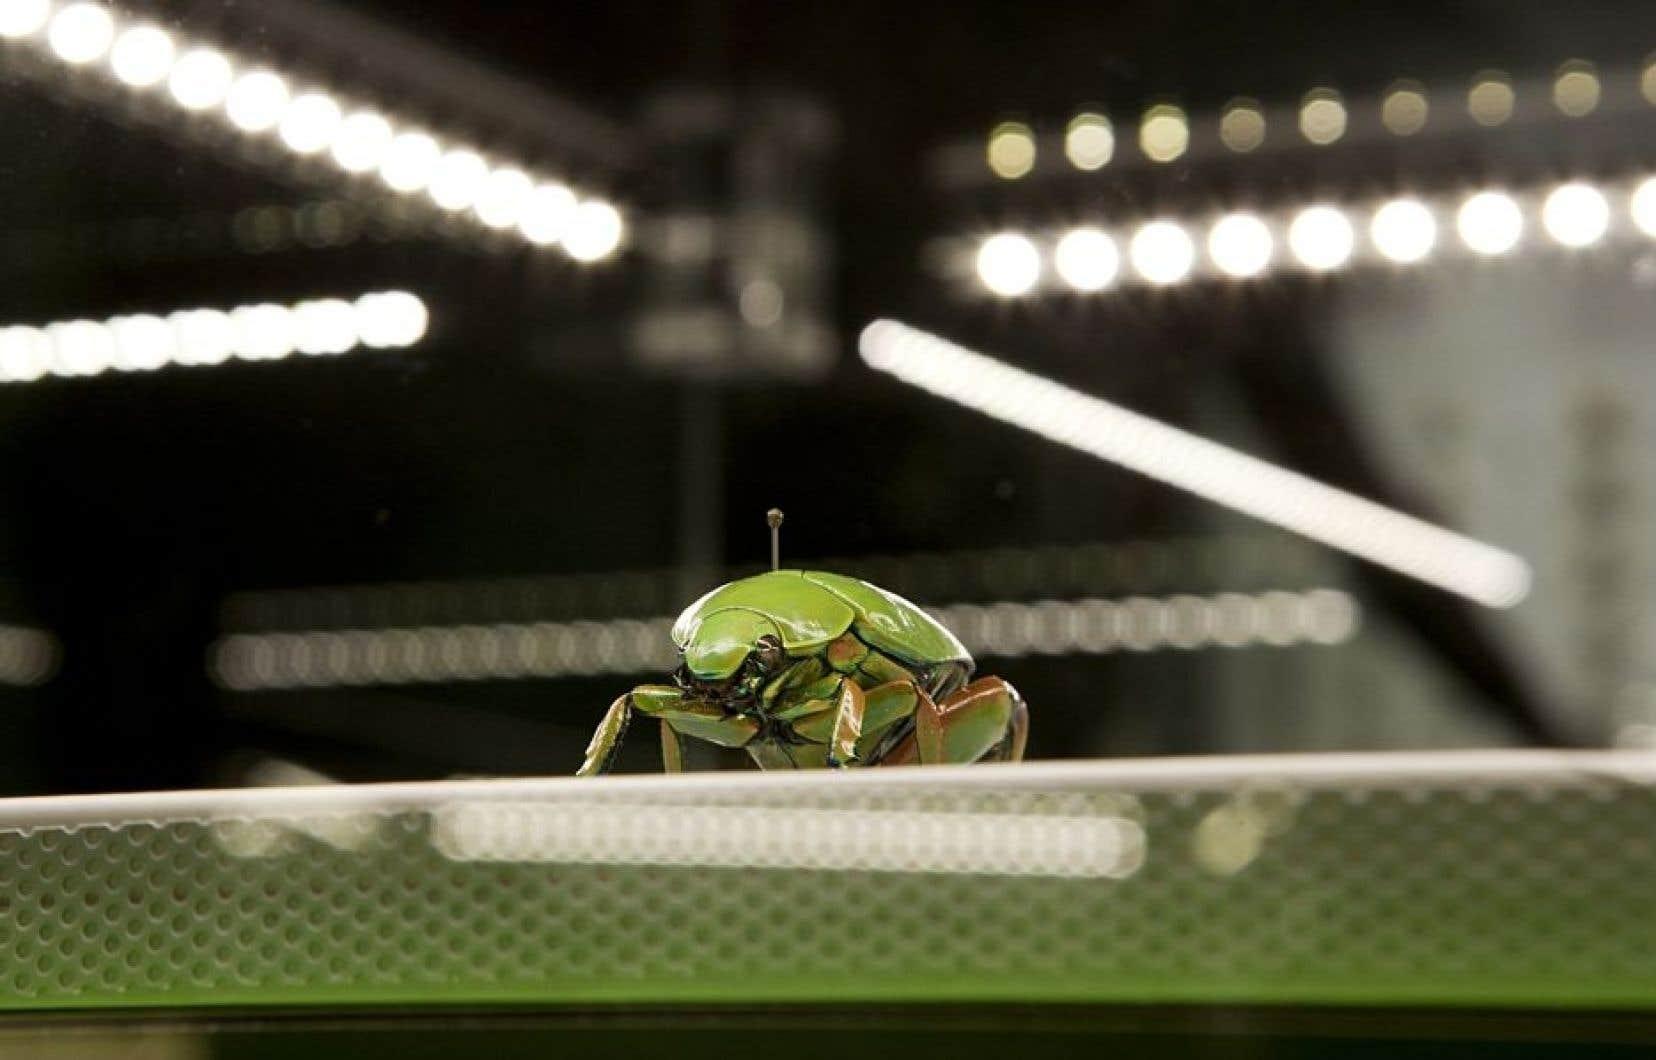 En moyenne, les insectes peuvent transformer deux kilos de fourrage en un kilo de masse. En comparaison, le bétail a besoin de huit kilos de fourrage pour produire un kilo de viande. (photo prise à l'Insectarium de Montréal)<br />